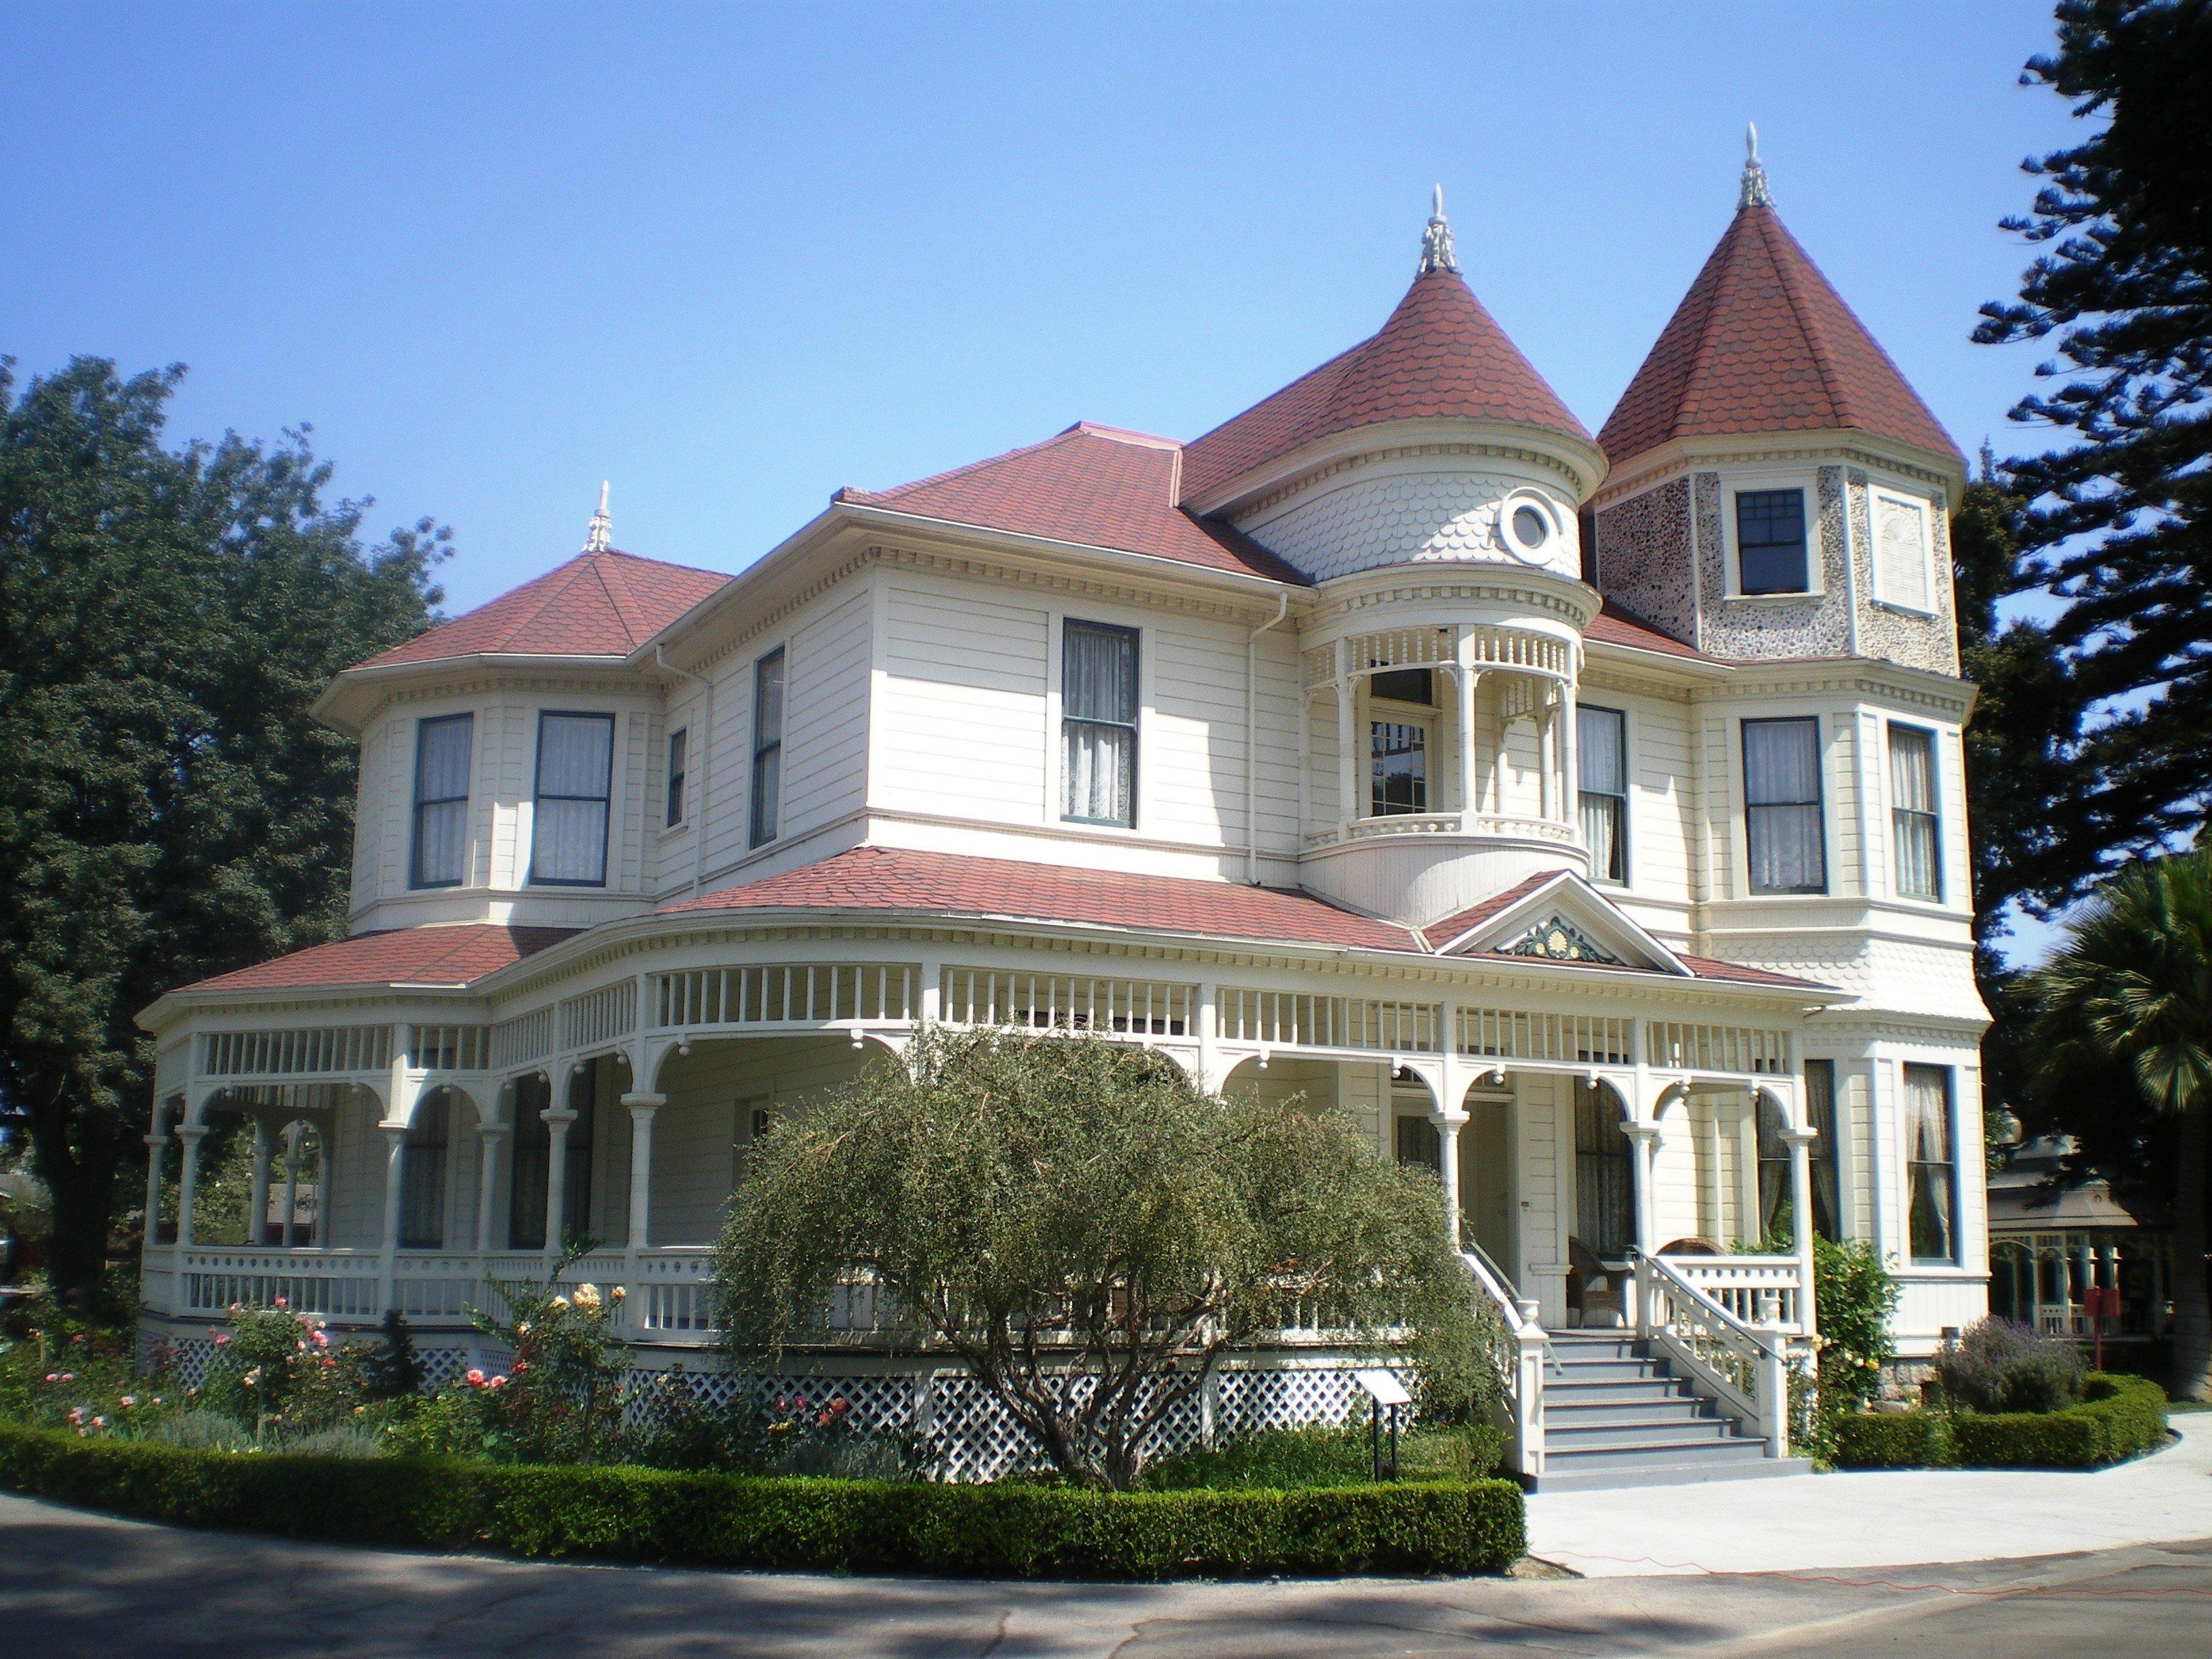 Camarillo_Ranch_House